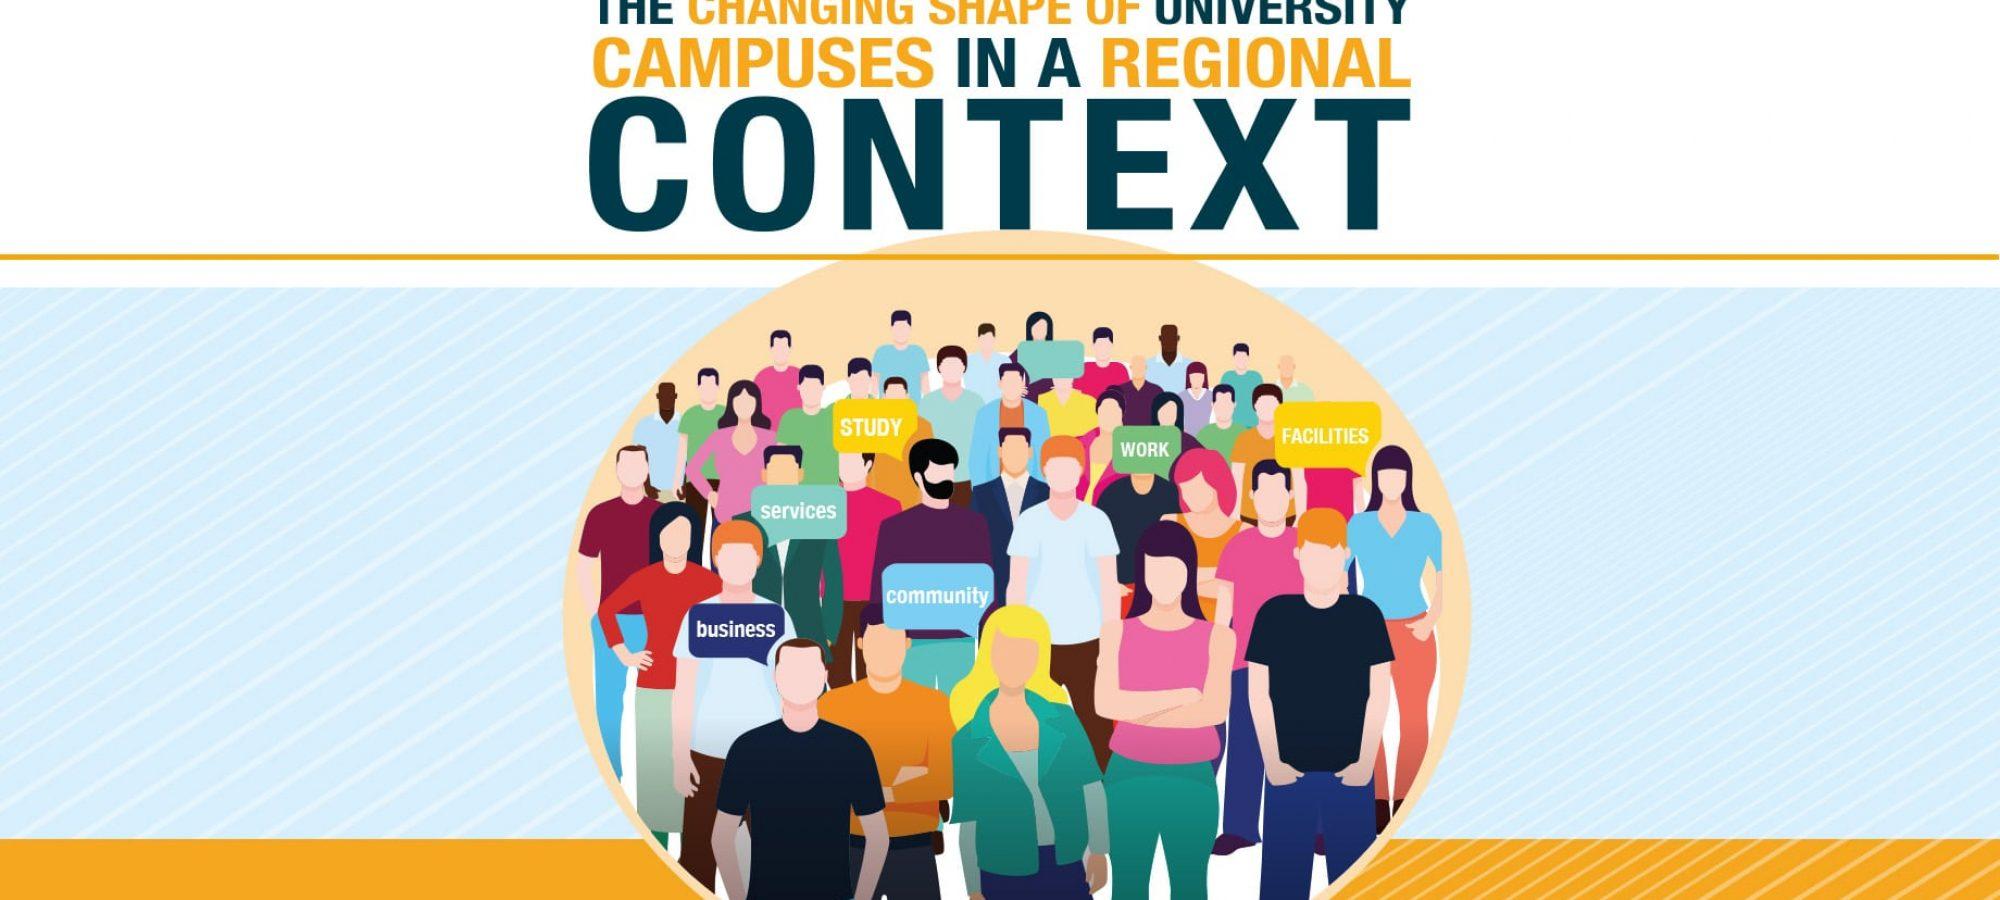 The Campus & Community